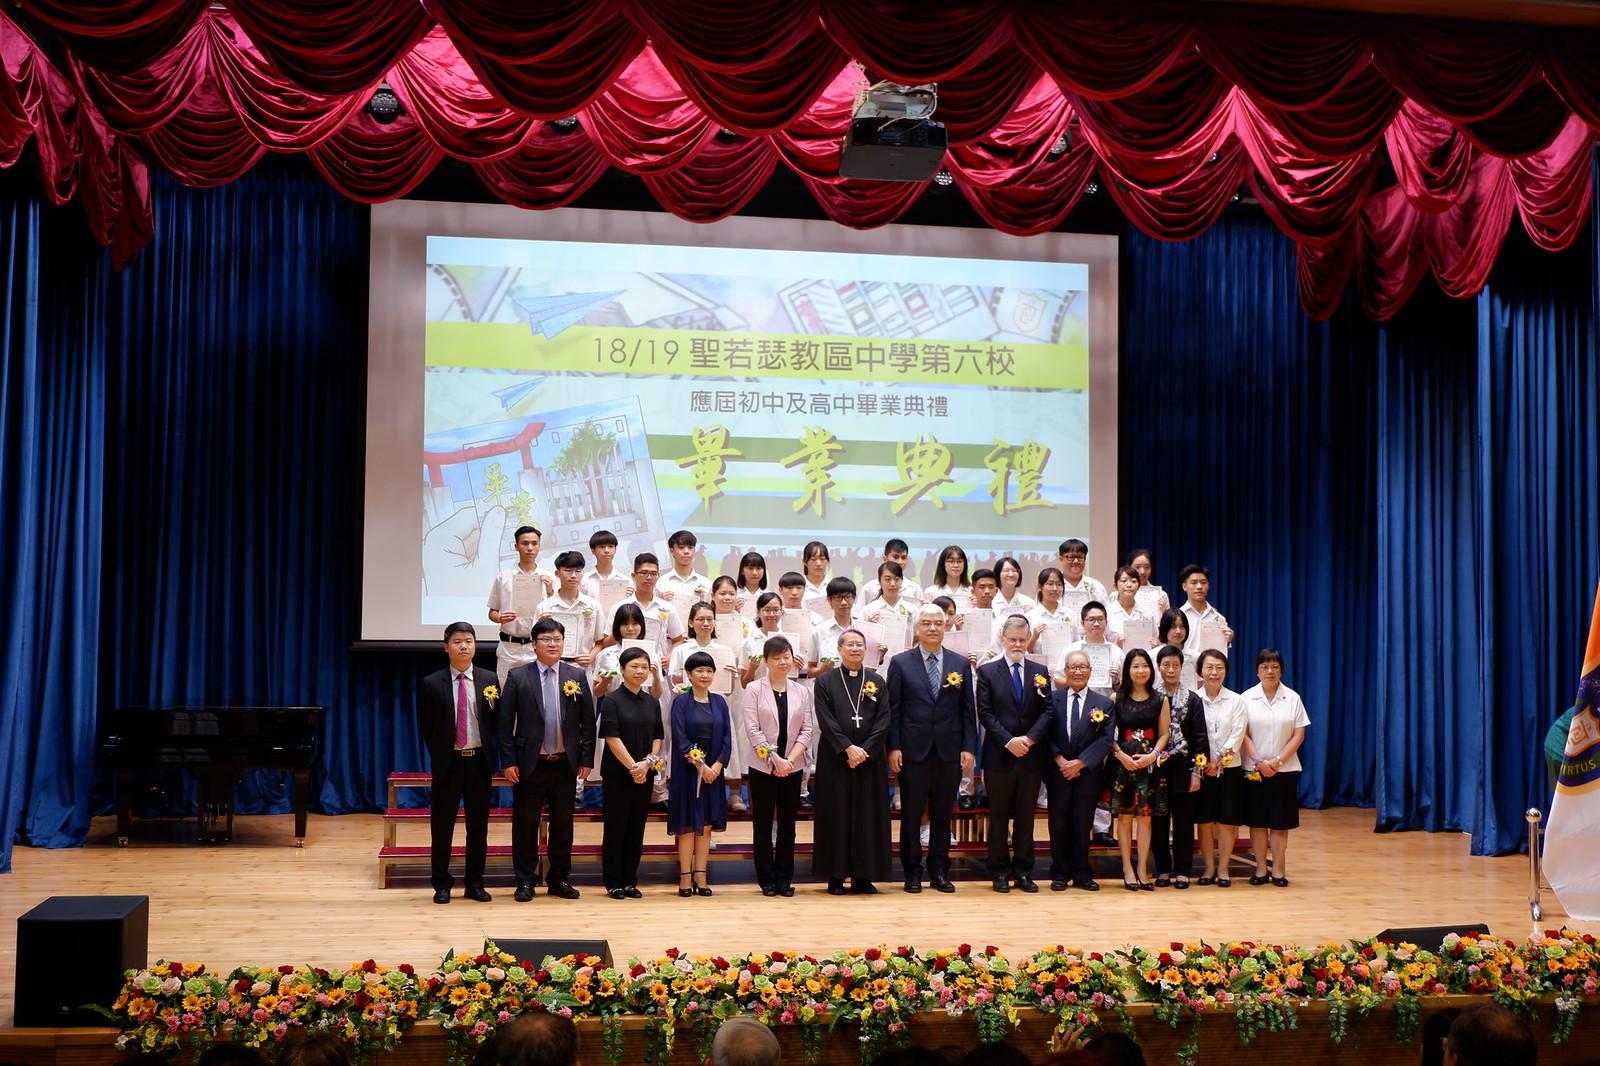 嘉賓與獲獎畢業生合照